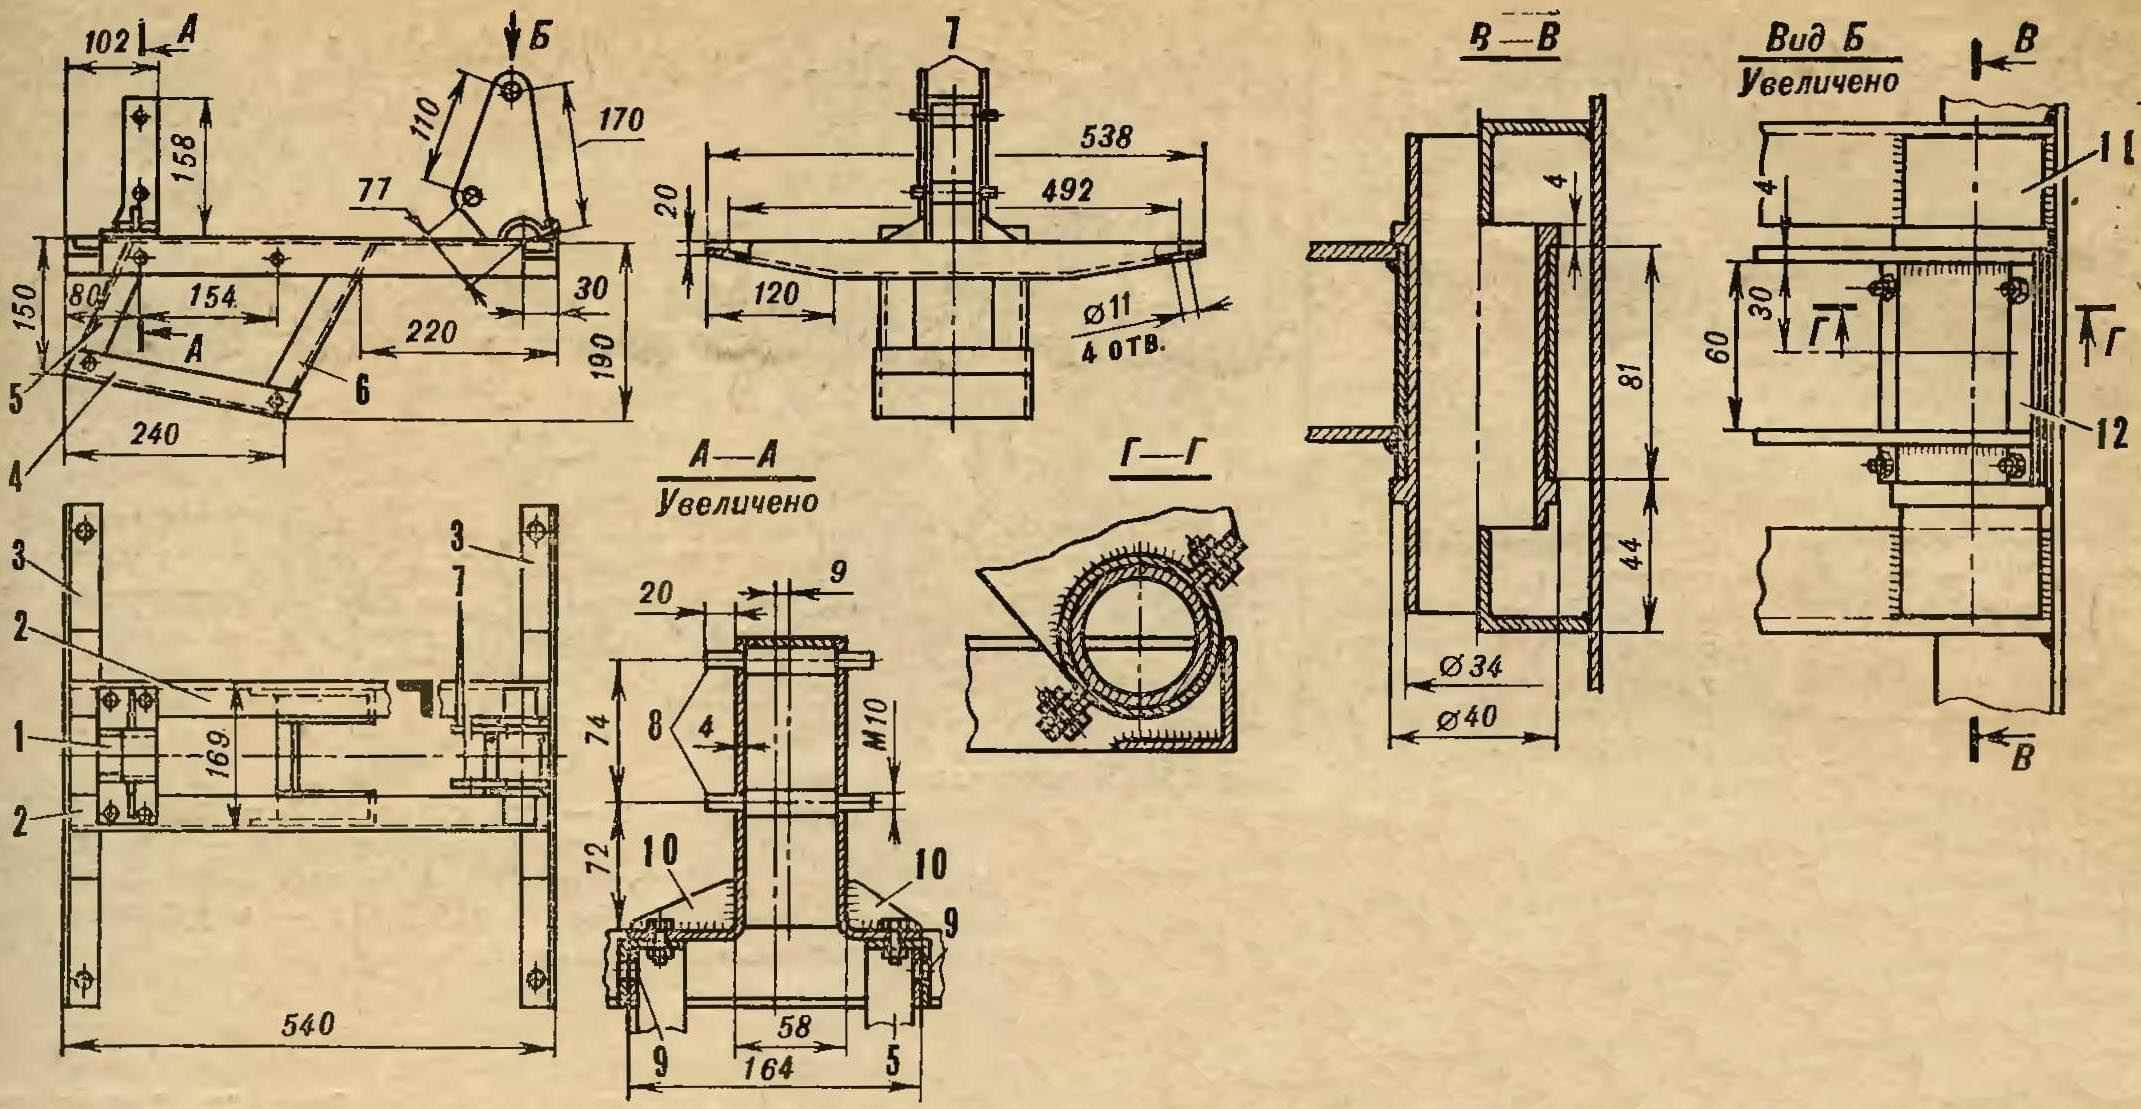 Fig. 9. Under engine frame